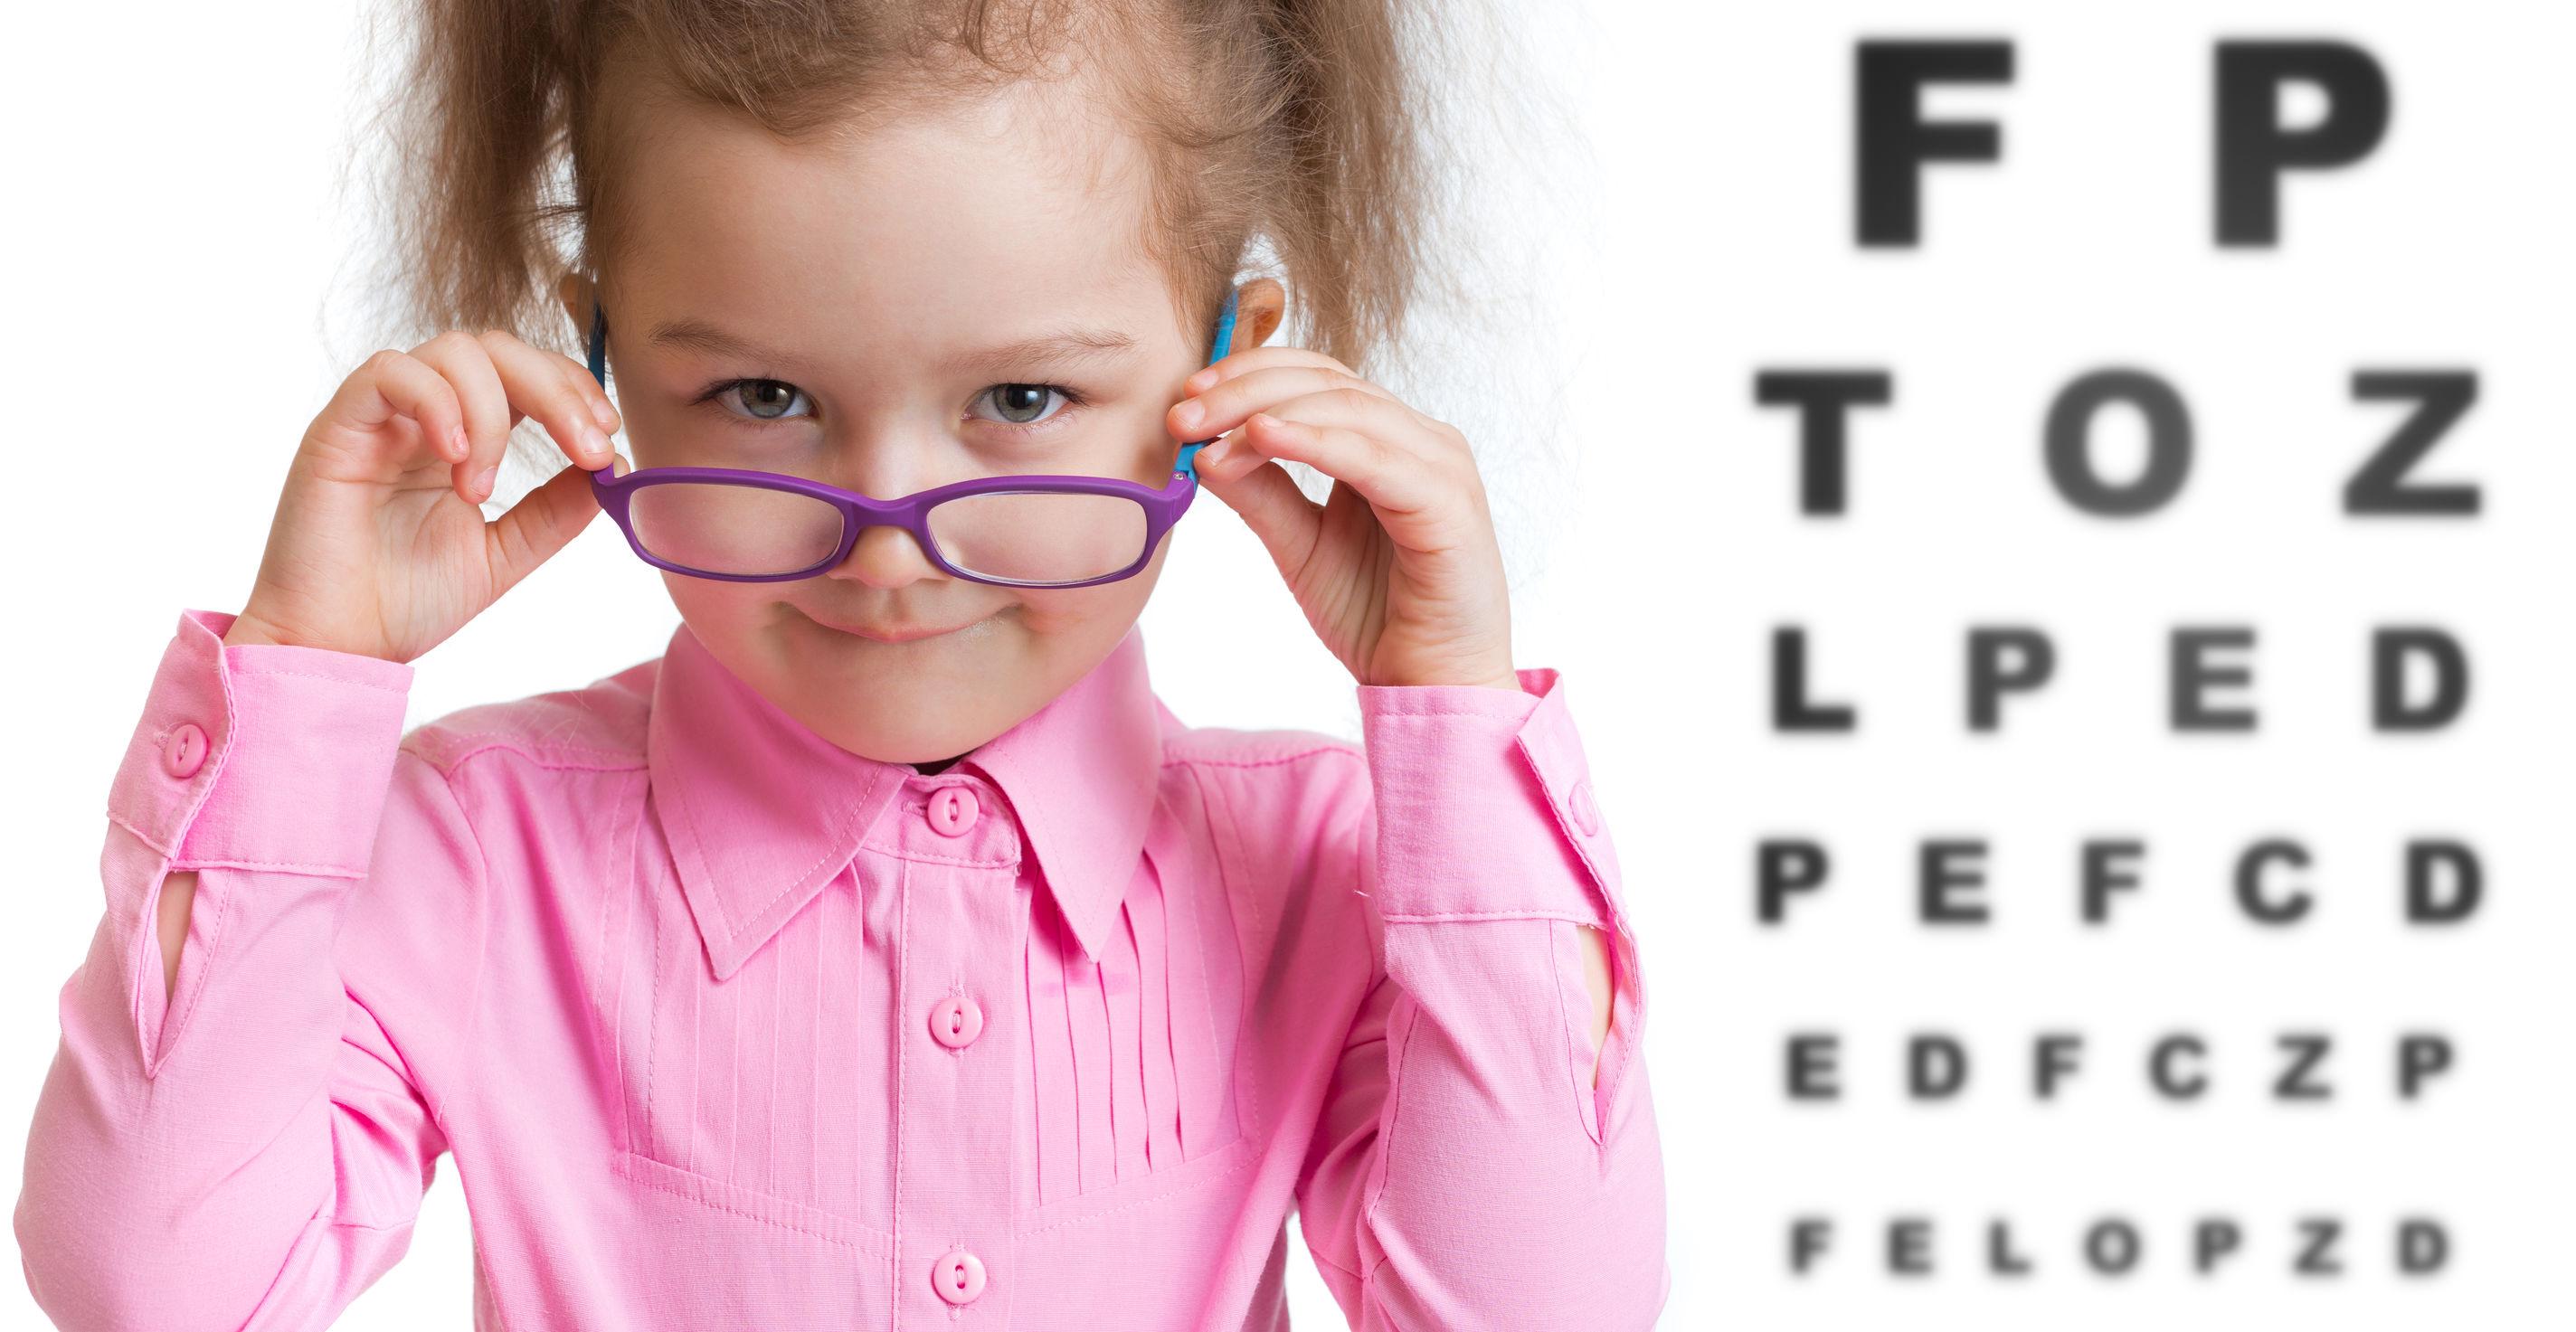 szemész rövidlátásról és rövidlátásról látás a gyermekekben